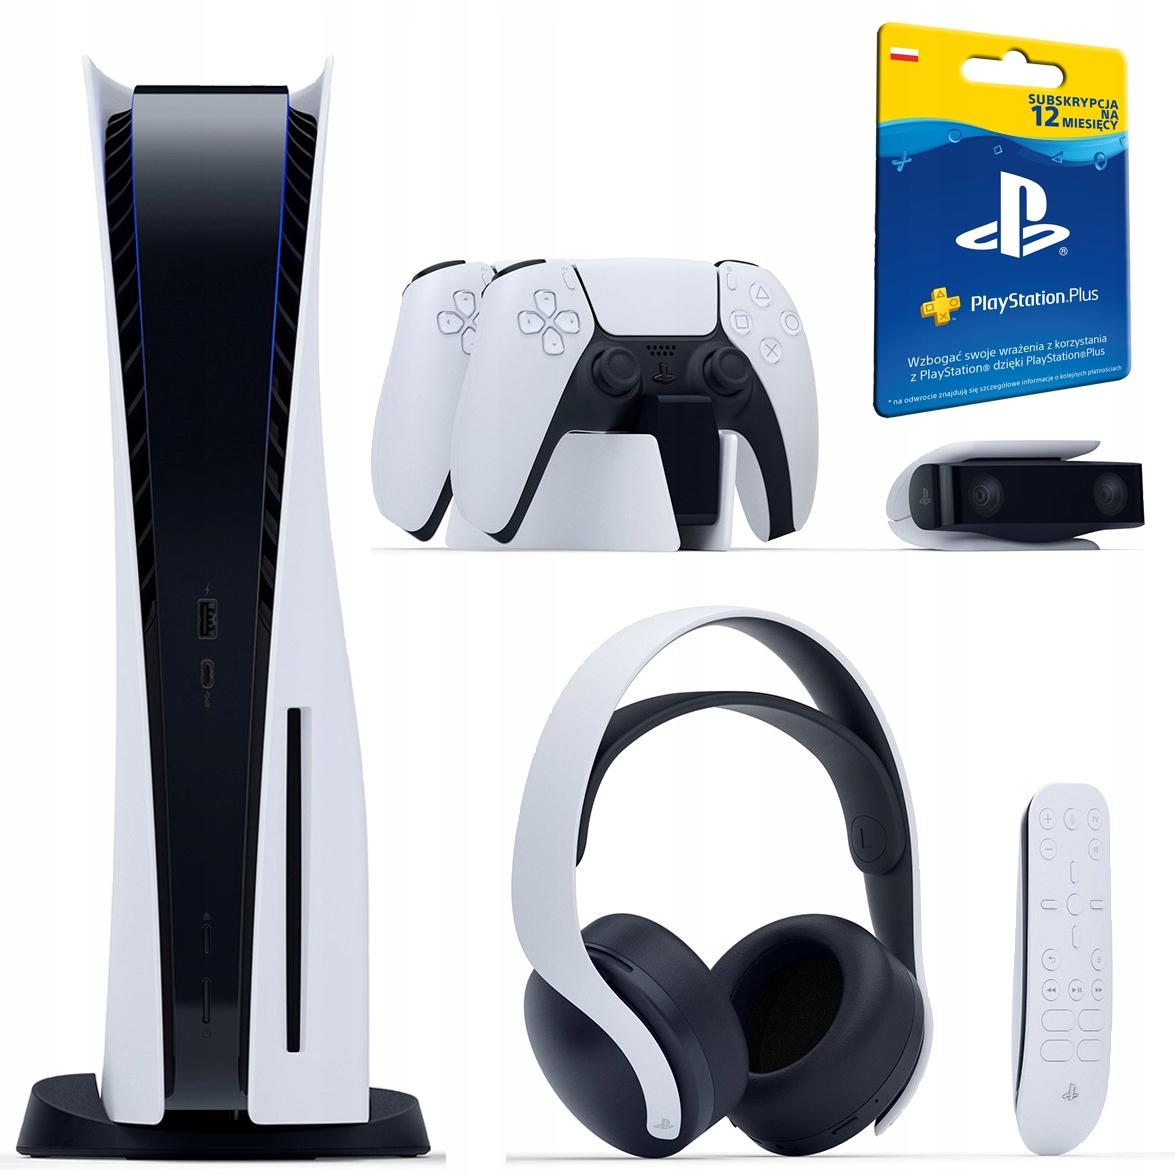 PS5 Playstation 5 Full Opcja Pełen Zestaw MISTRZA